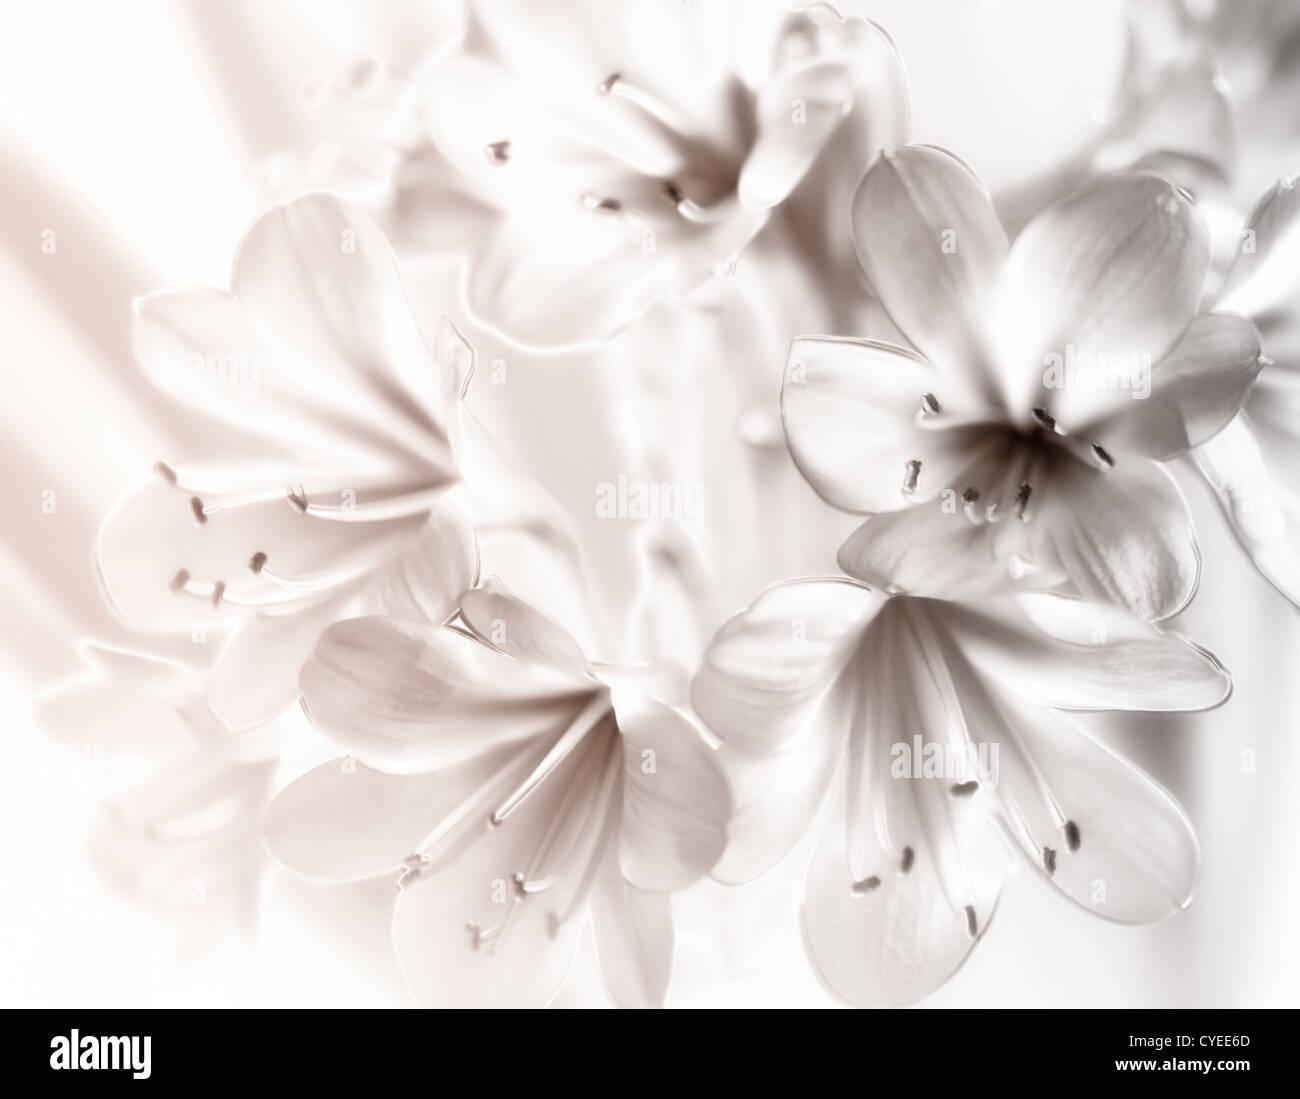 Clivia Miniata Blumen Schwarz Weiss Foto Gefarbt Stockfoto Bild